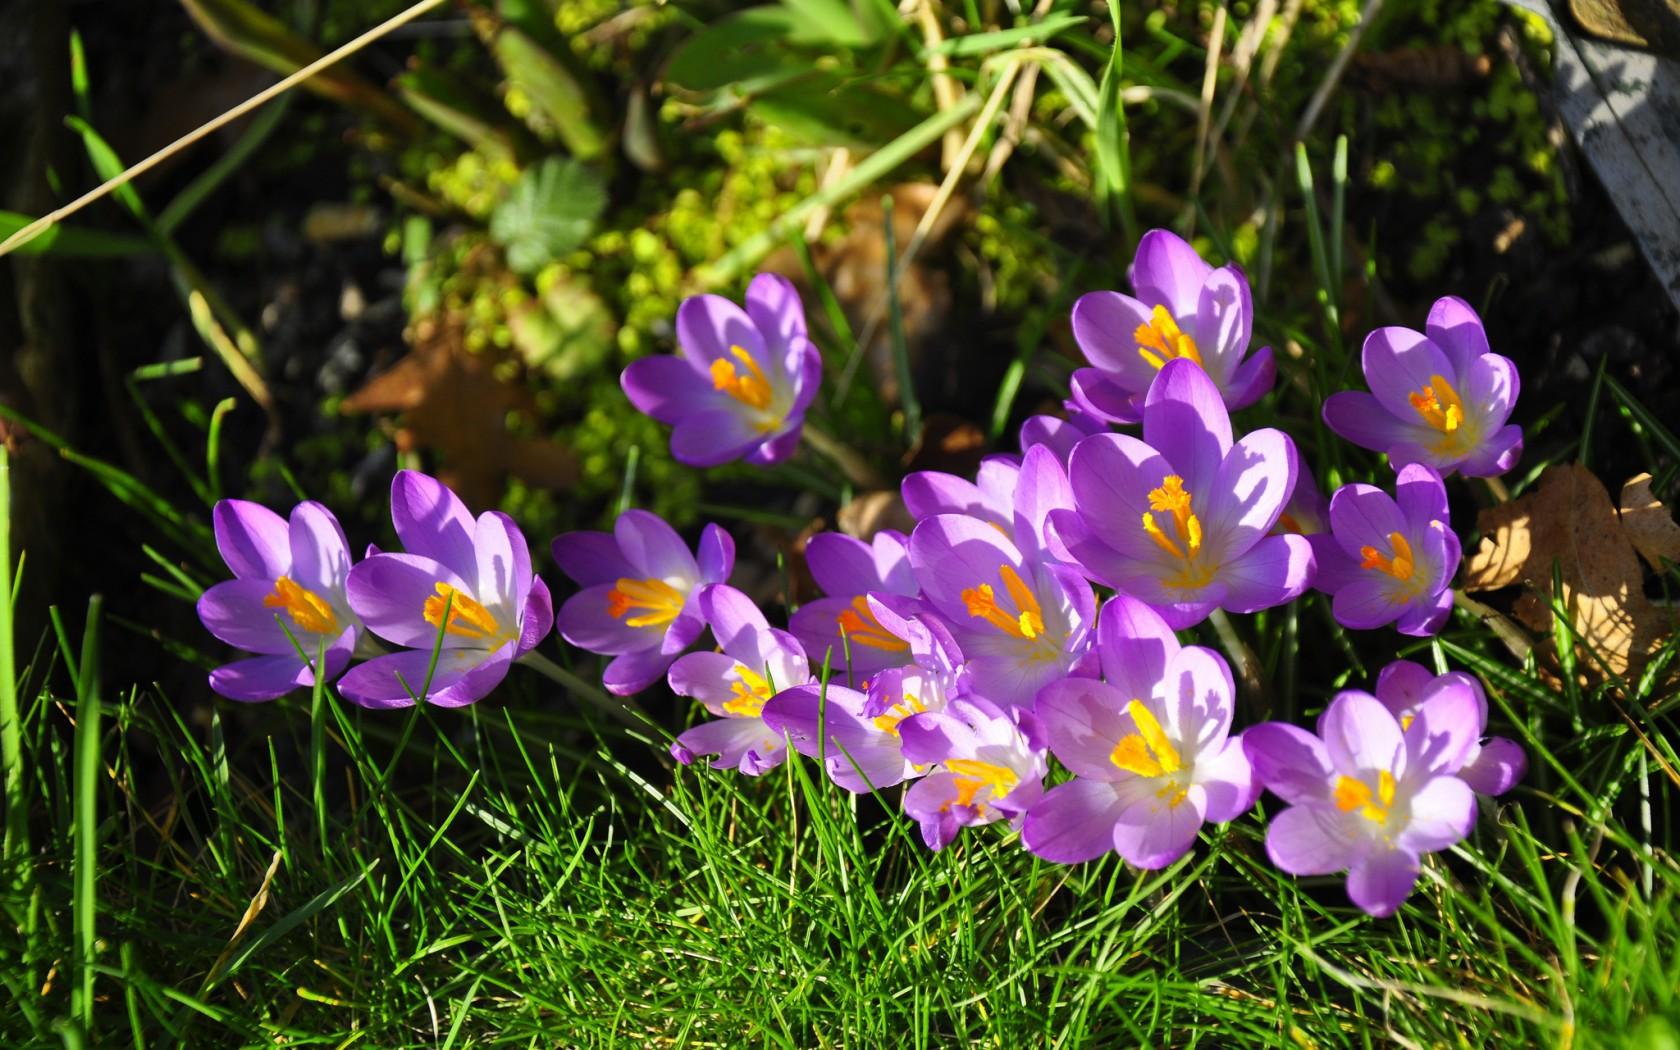 Spring Flowers In The Garden Saffron